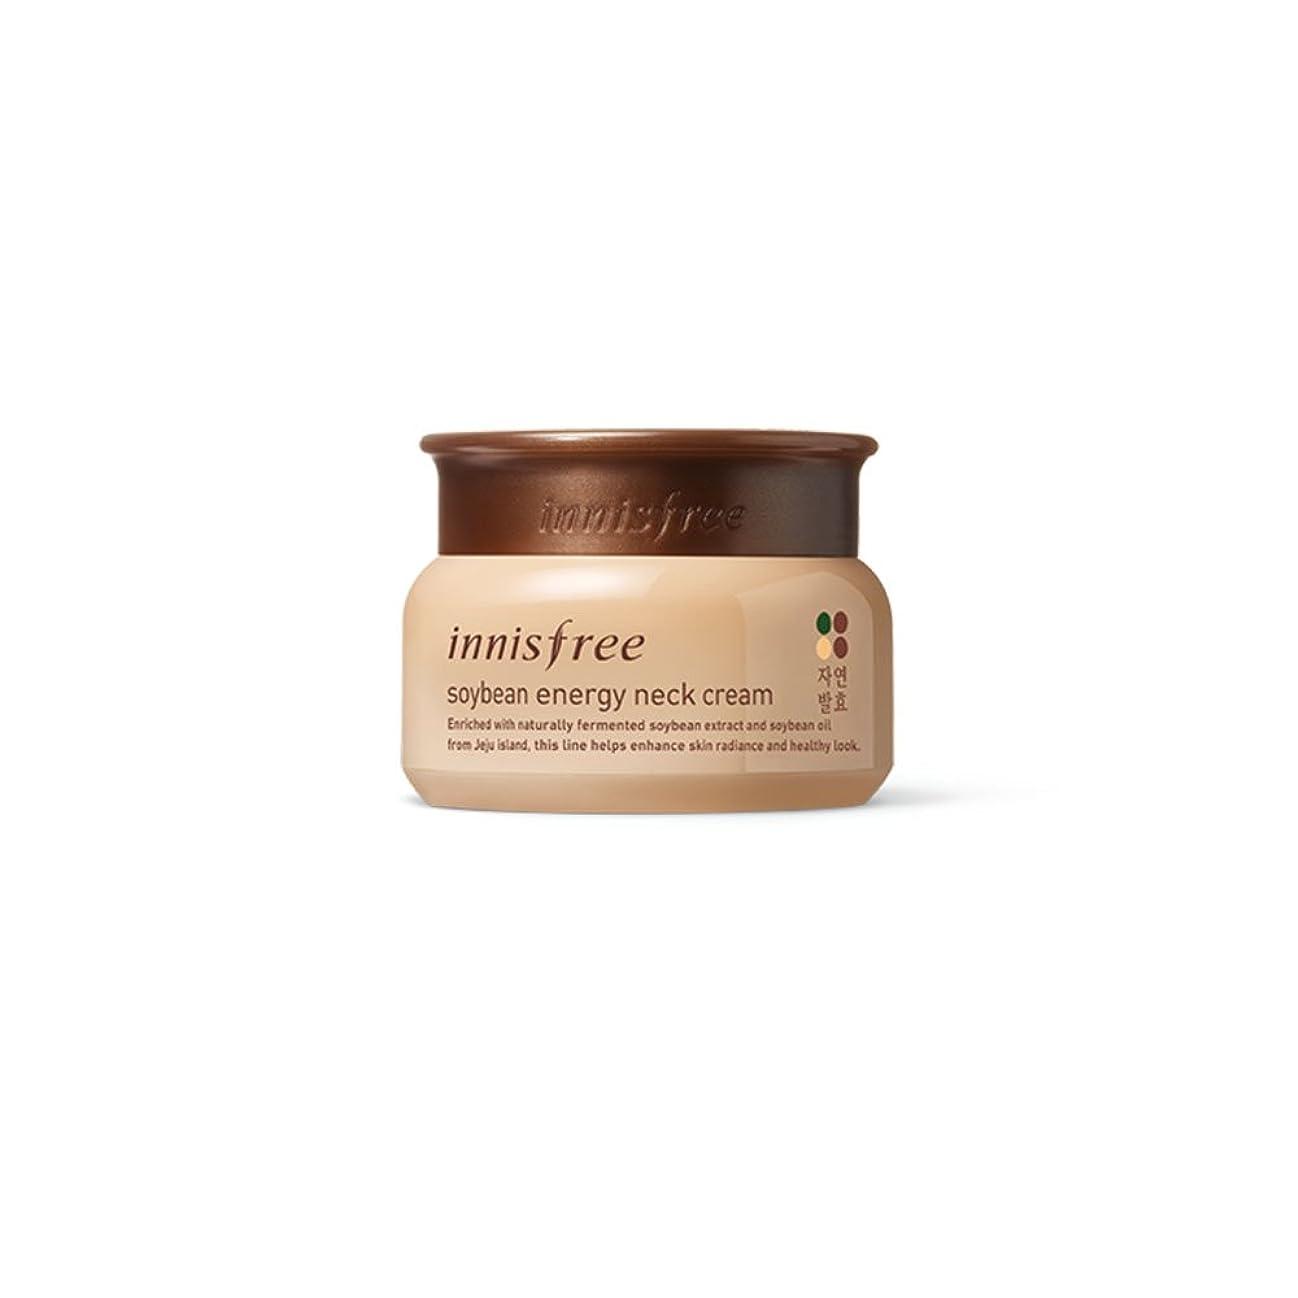 フレキシブル耐久降雨[イニスフリー] Innisfree 発酵大豆エネジネッククリーム (80ml) Innisfree Soy Bean Energy Neck Cream (80ml) [海外直送品]